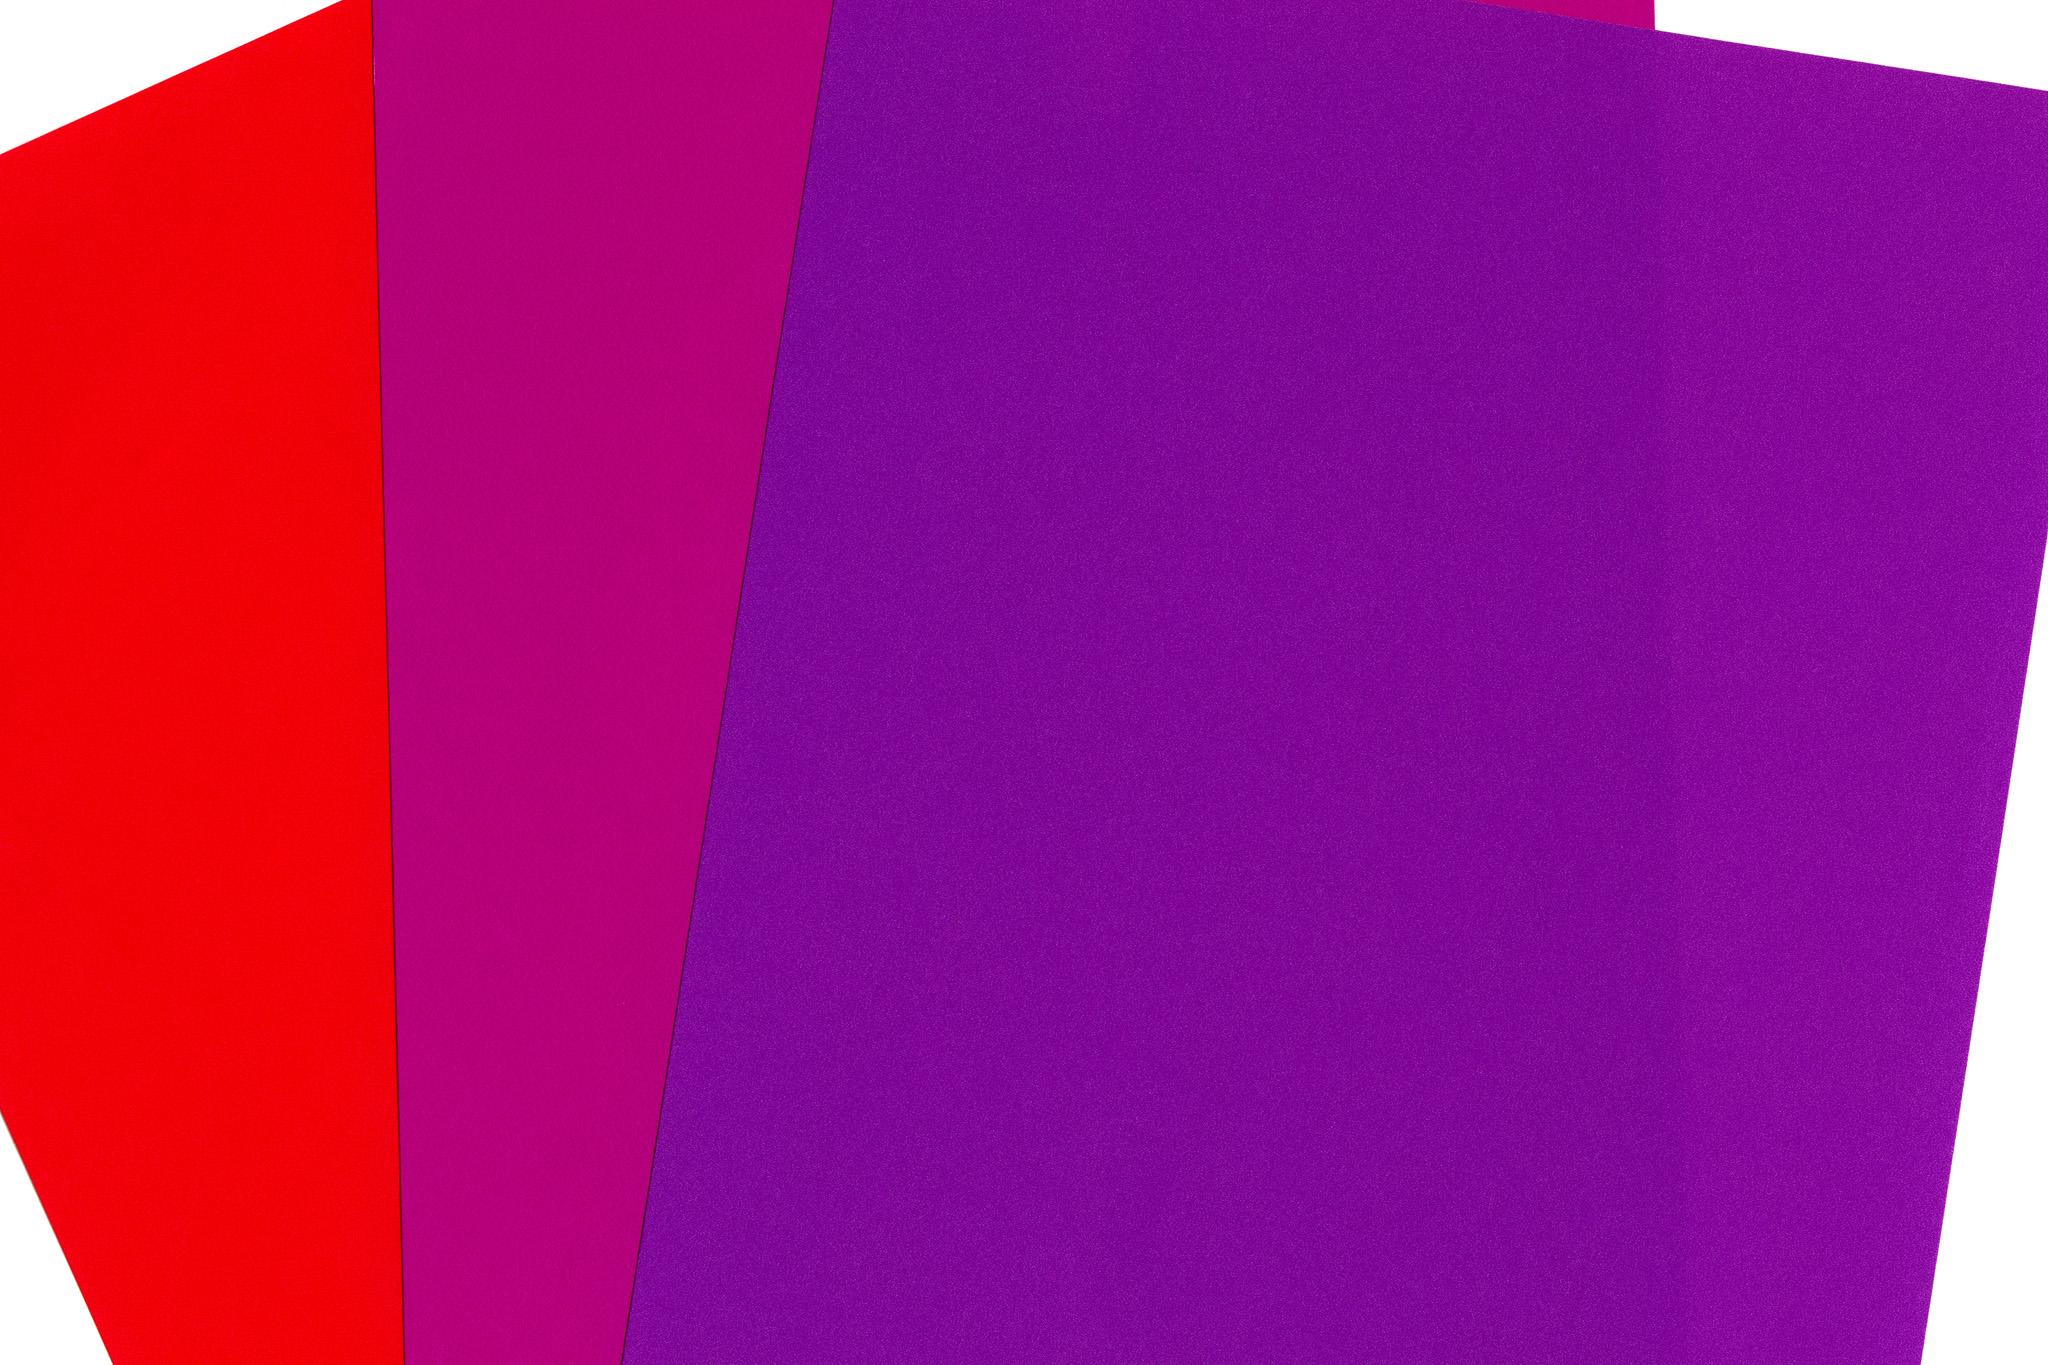 「三色の折り紙の背景素材」